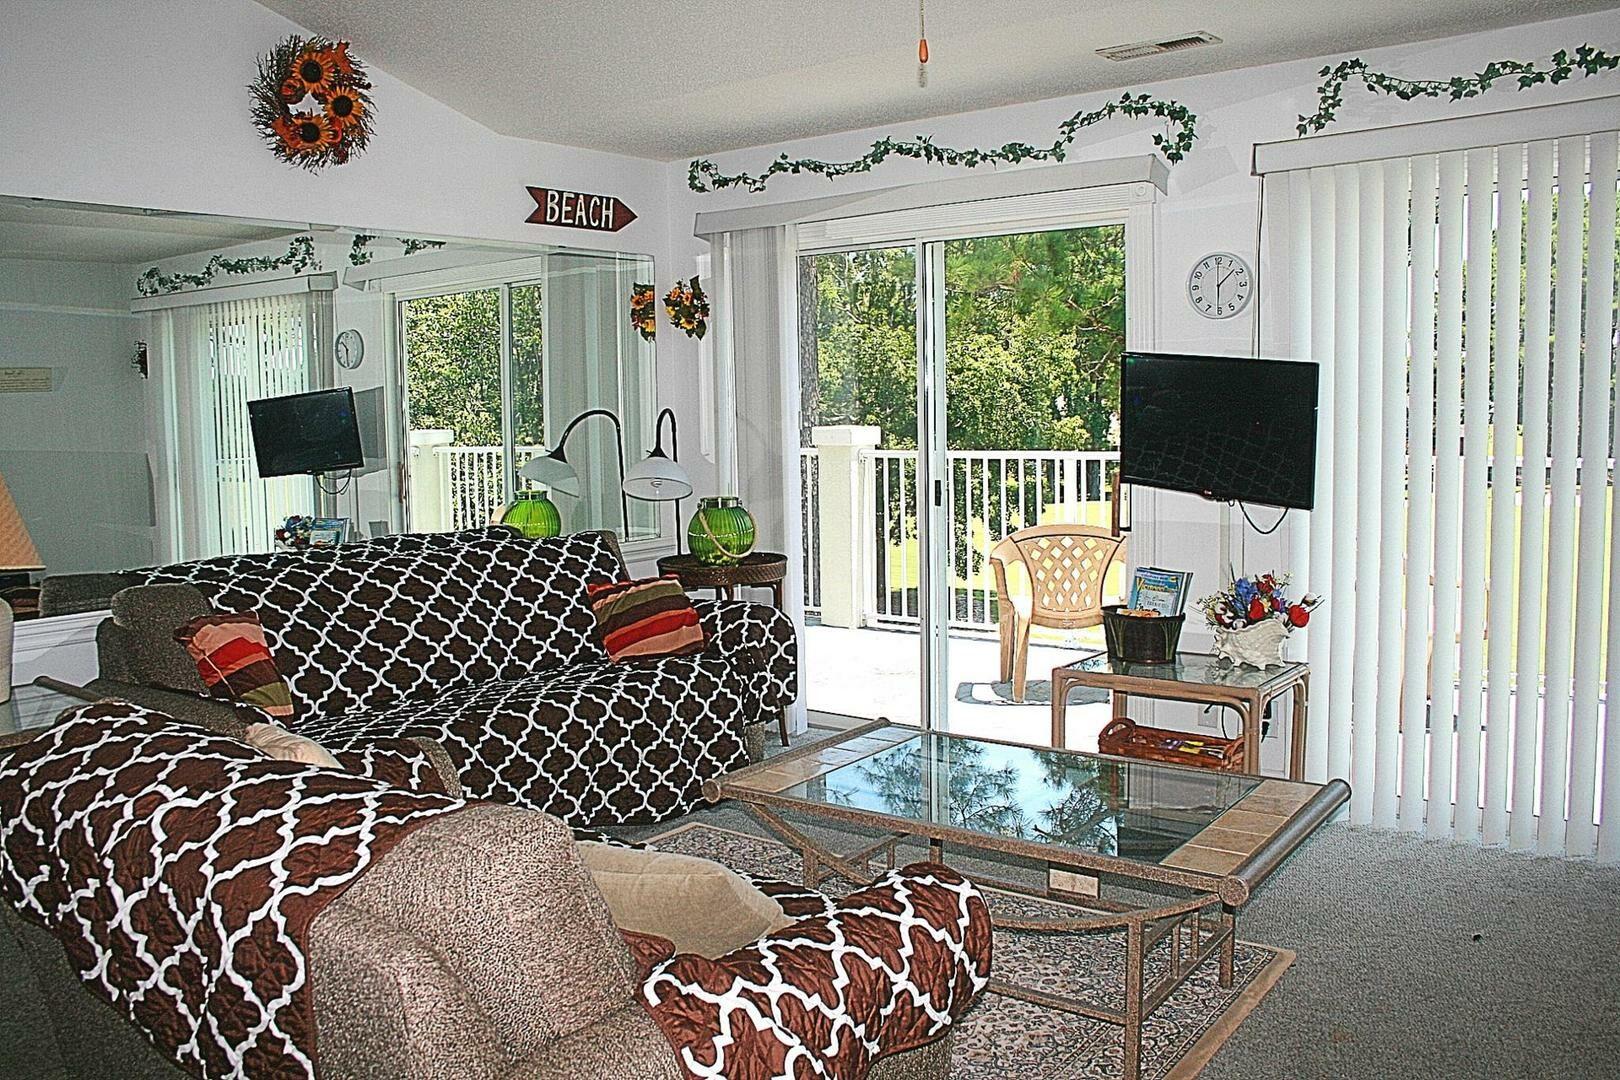 508 2 Bedroom/2 Bath Villa